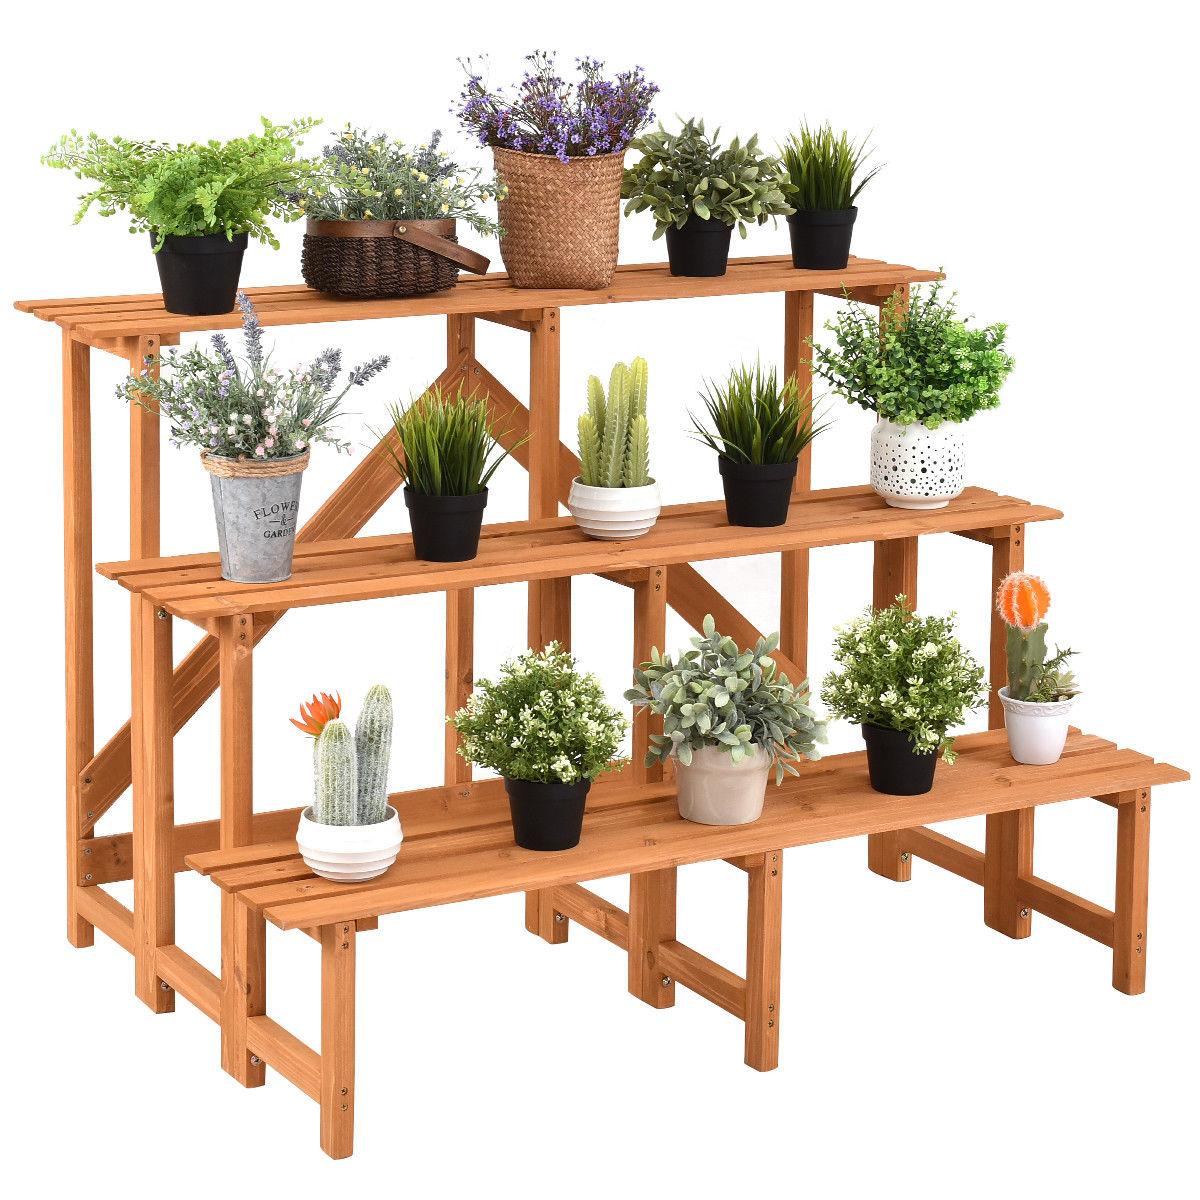 Costway 3 niveaux large support de plante en bois support de pot de fleur présentoir étagères escabeau